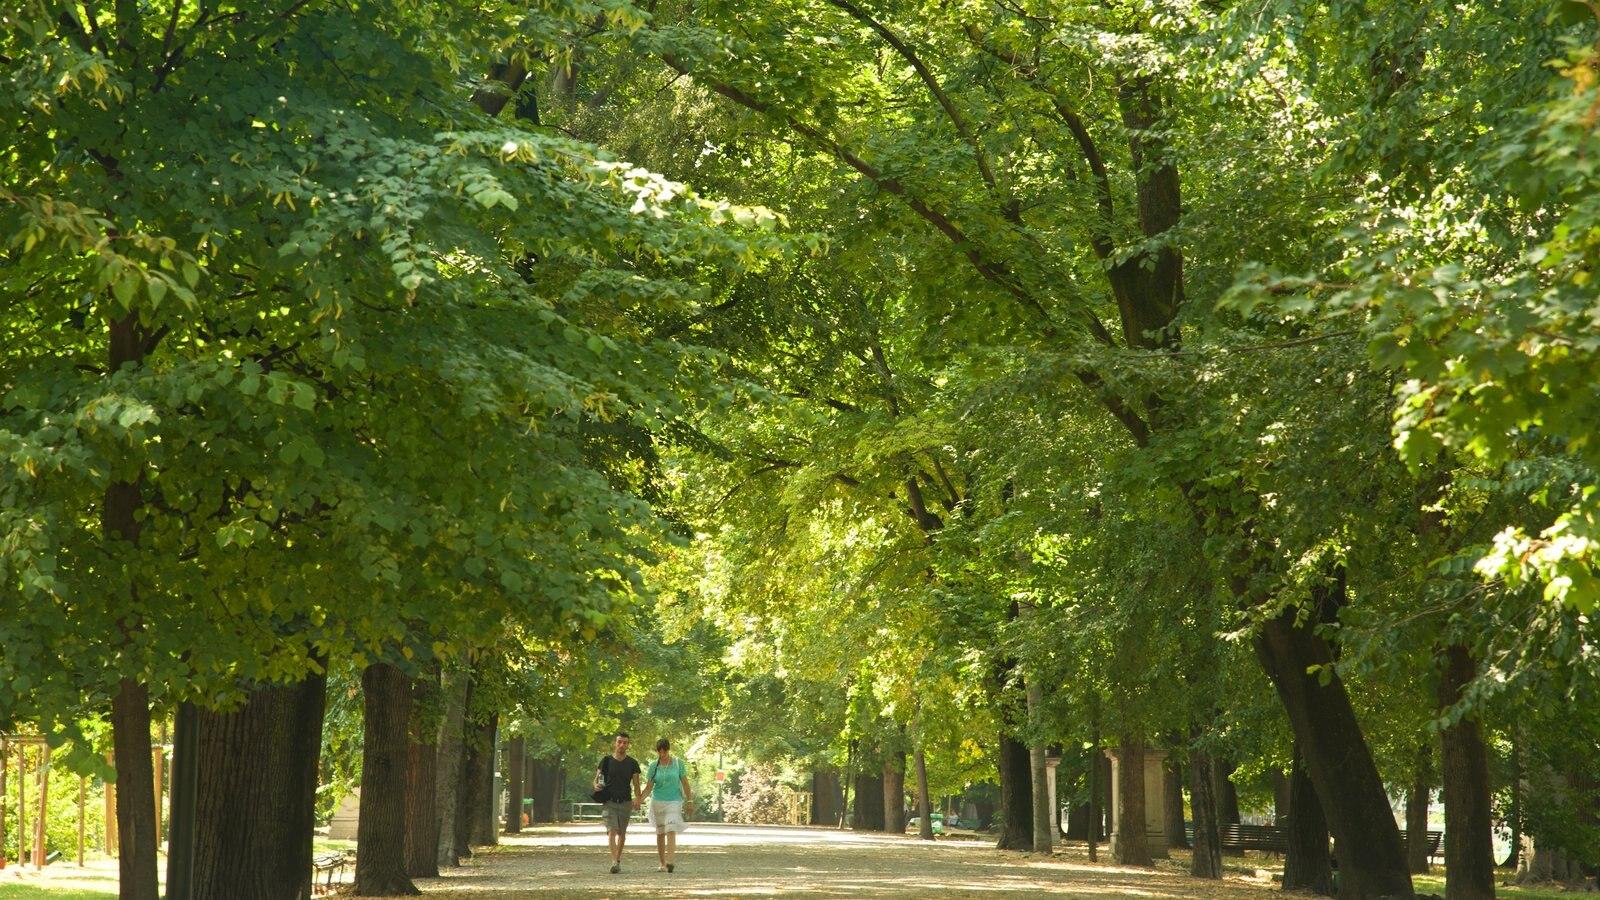 Giardini Pubblici Indro Montanelli ofreciendo un parque y también una pareja